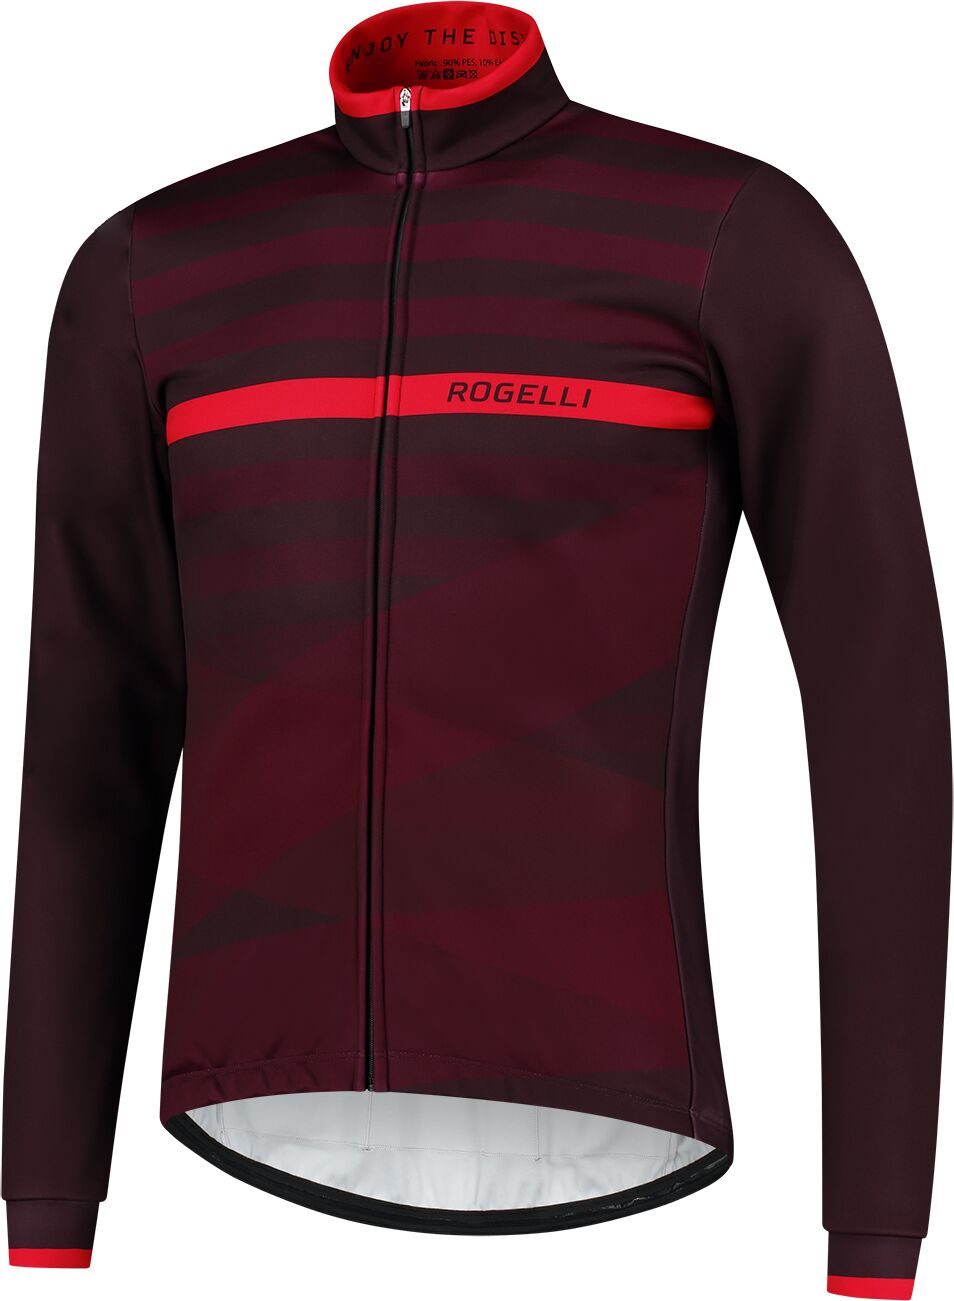 ROGELLI kurtka rowerowa zimowa STRIPE claret ROG351042 Rozmiar: S,SROG351042.S